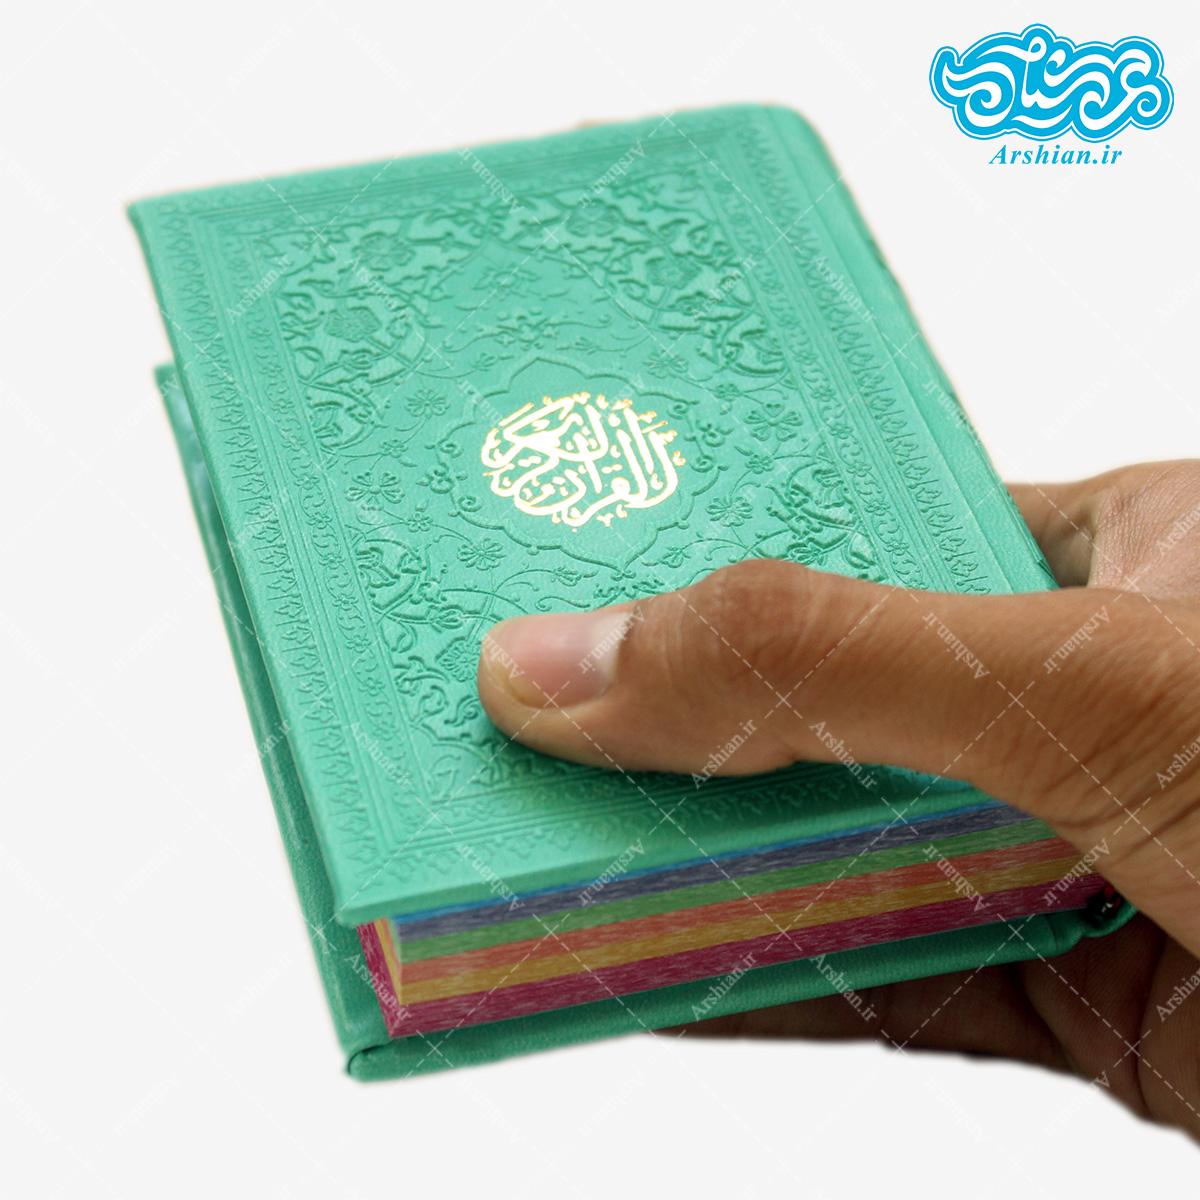 قرآن نیم جیبی صفحه رنگی